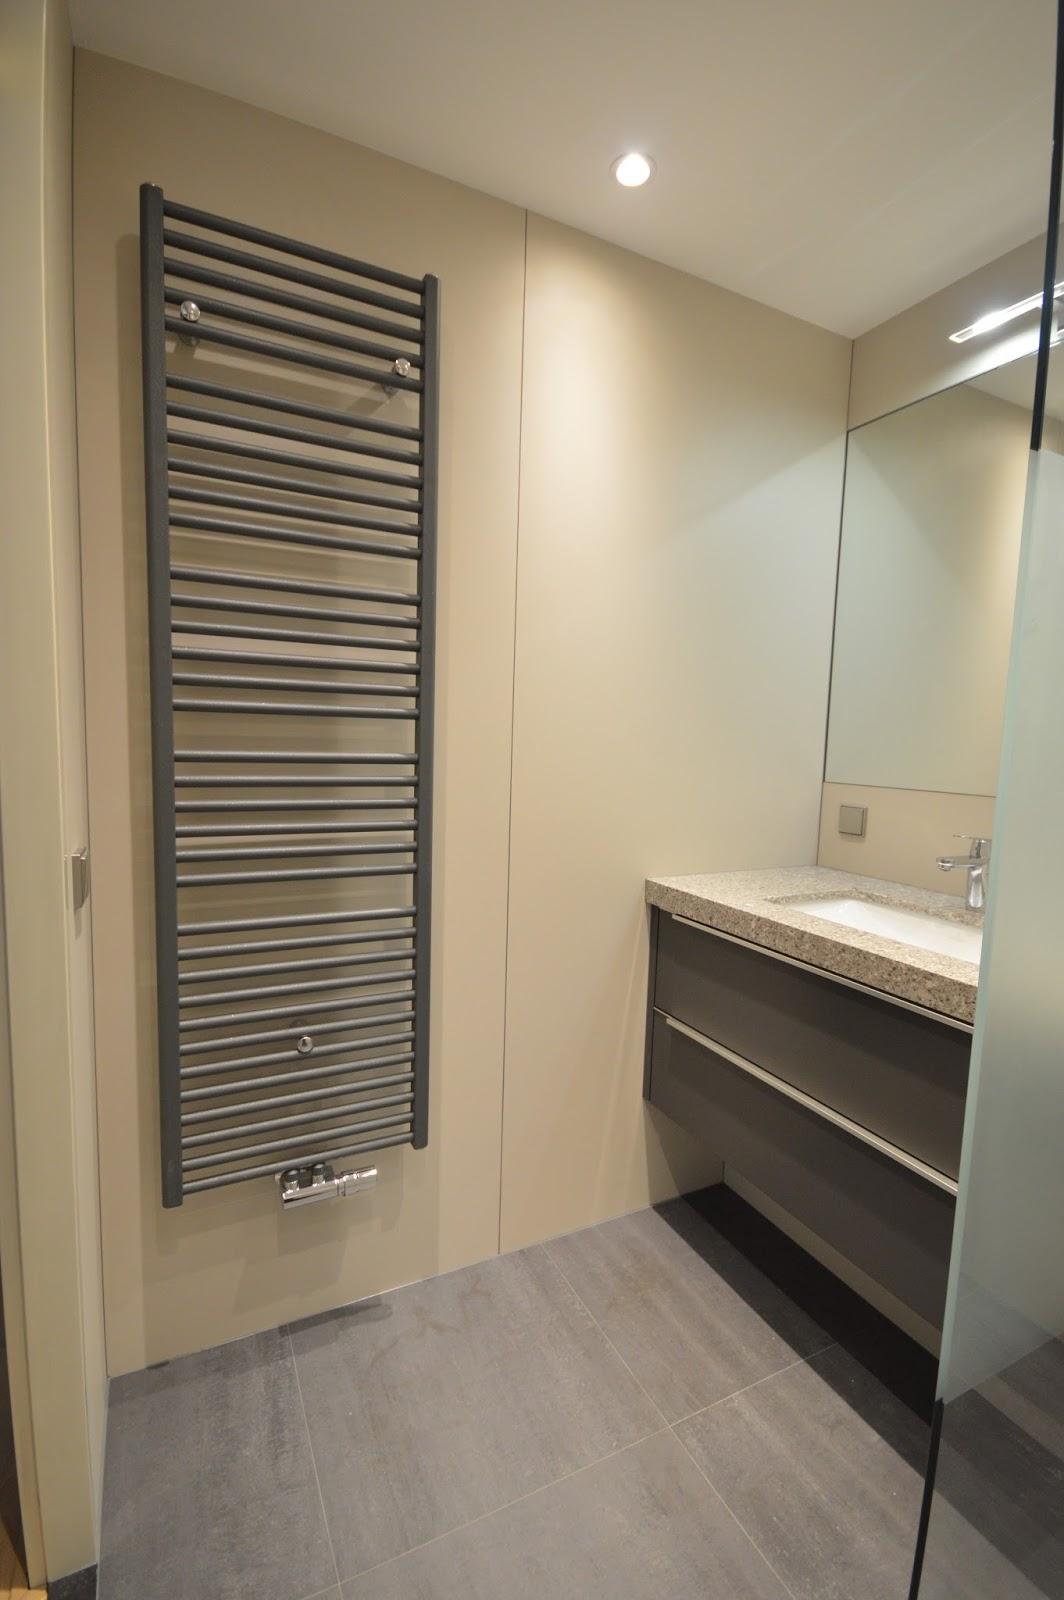 Gp interieur idee blog kleine stijlvolle badkamer - Idee badkamer m ...